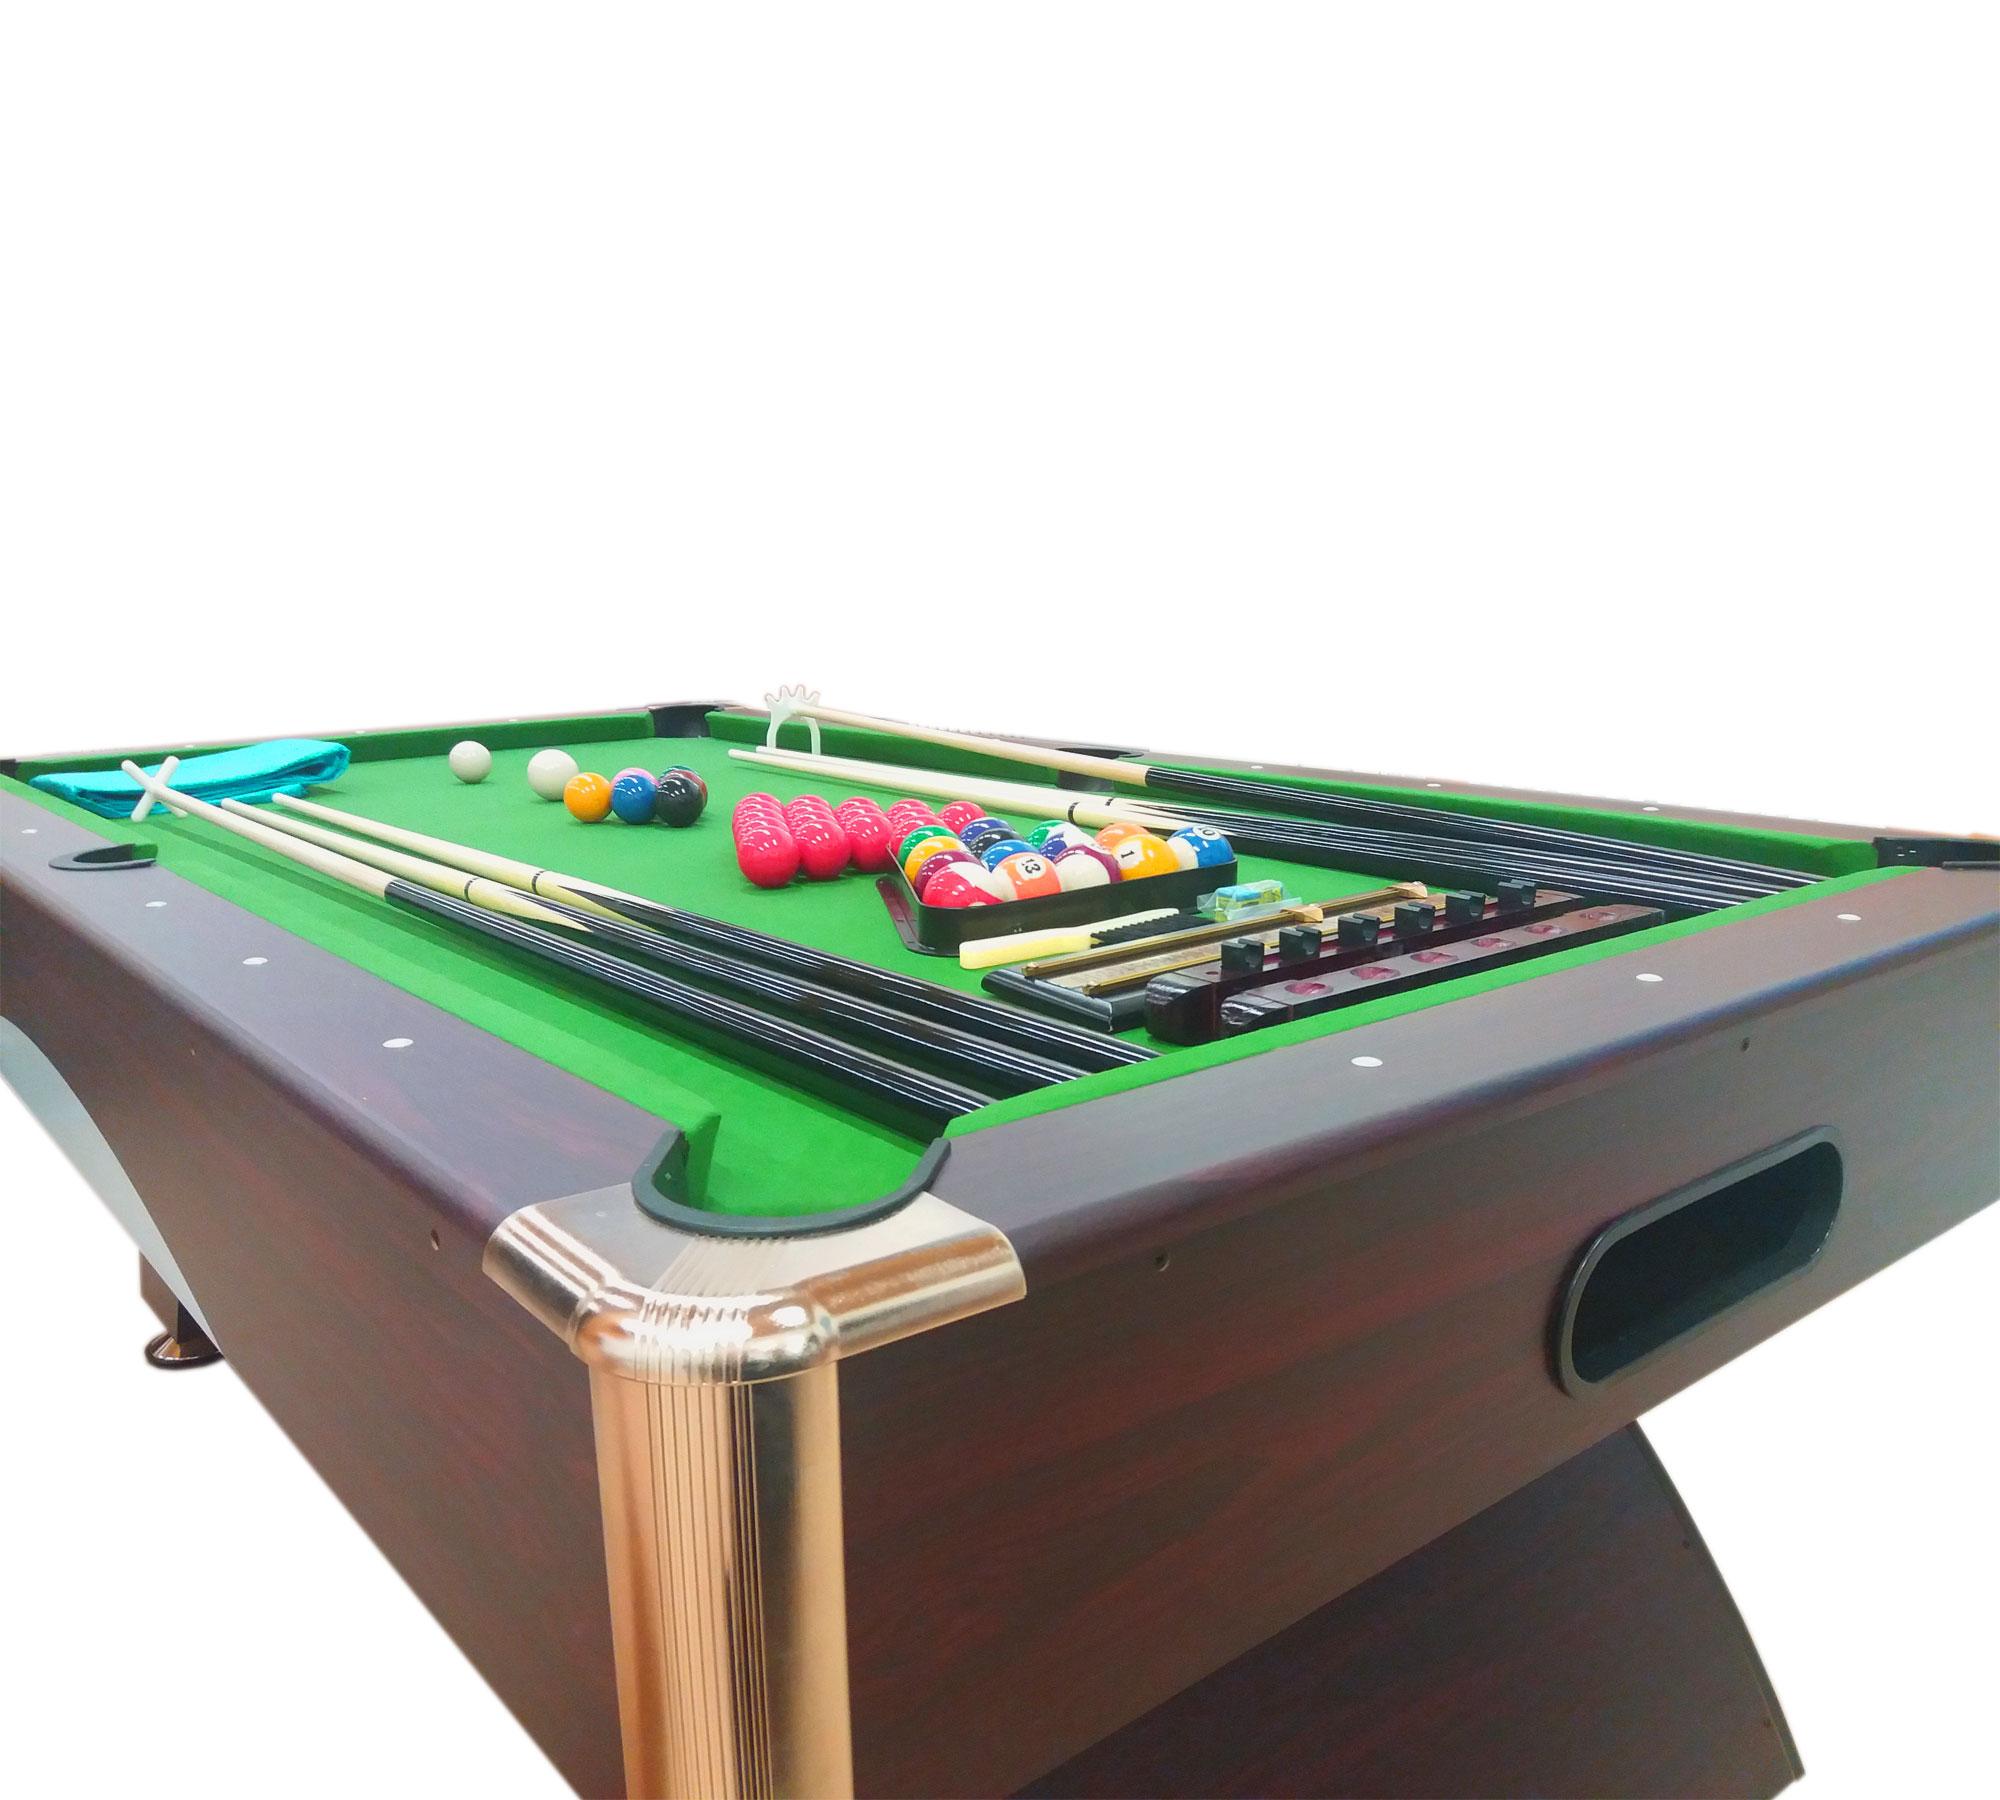 Tavolo da biliardo 8 ft accessori per carambola snooker 220 x 110 cm leonida ebay - Misure tavolo da biliardo ...